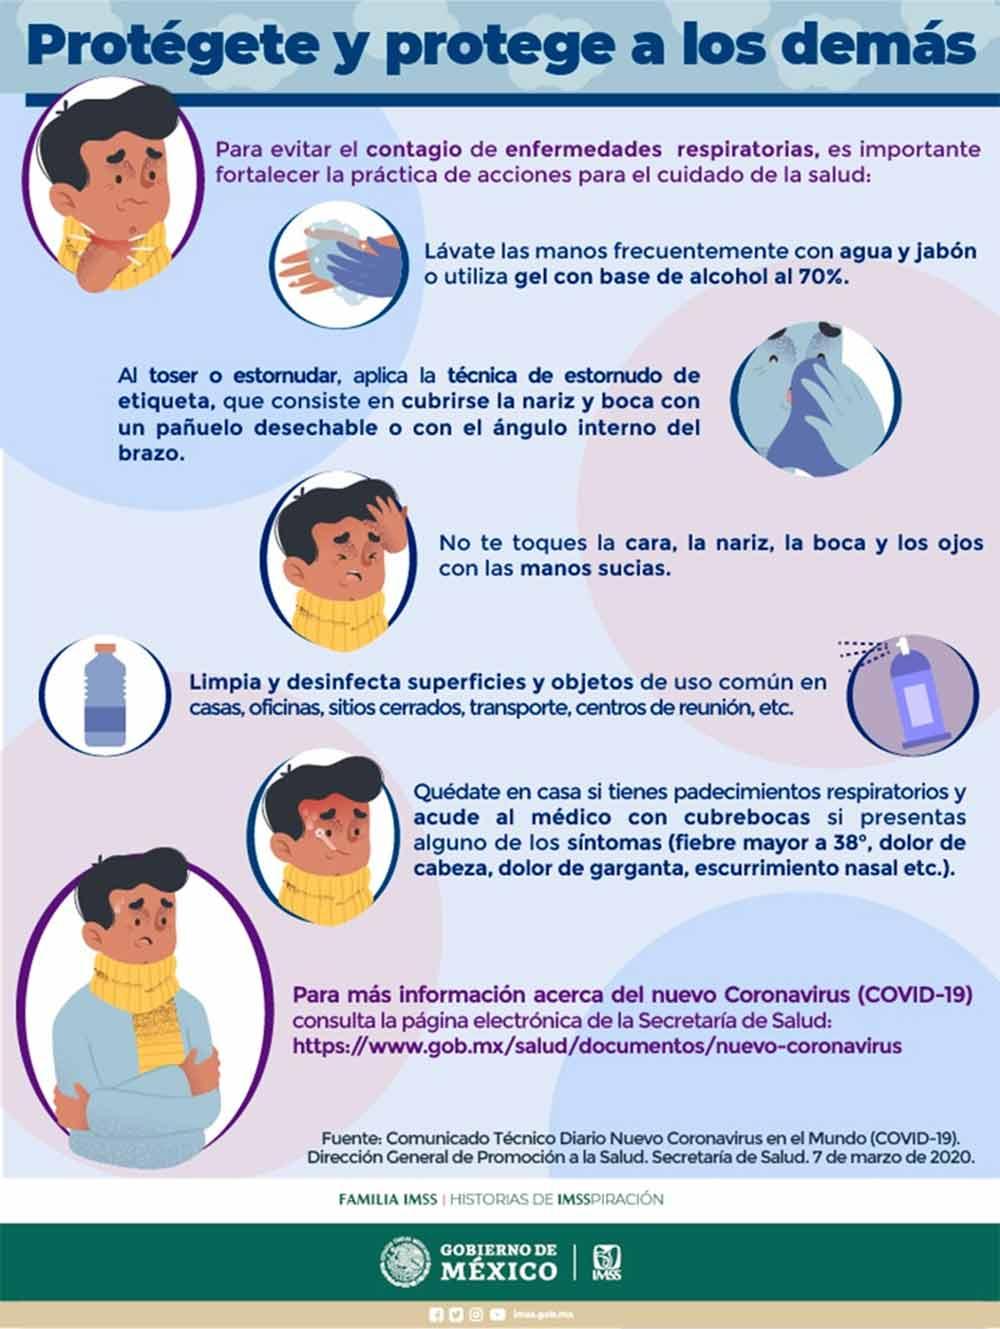 Medidas de prevención ante el coronavirus // Imagen: IMSS